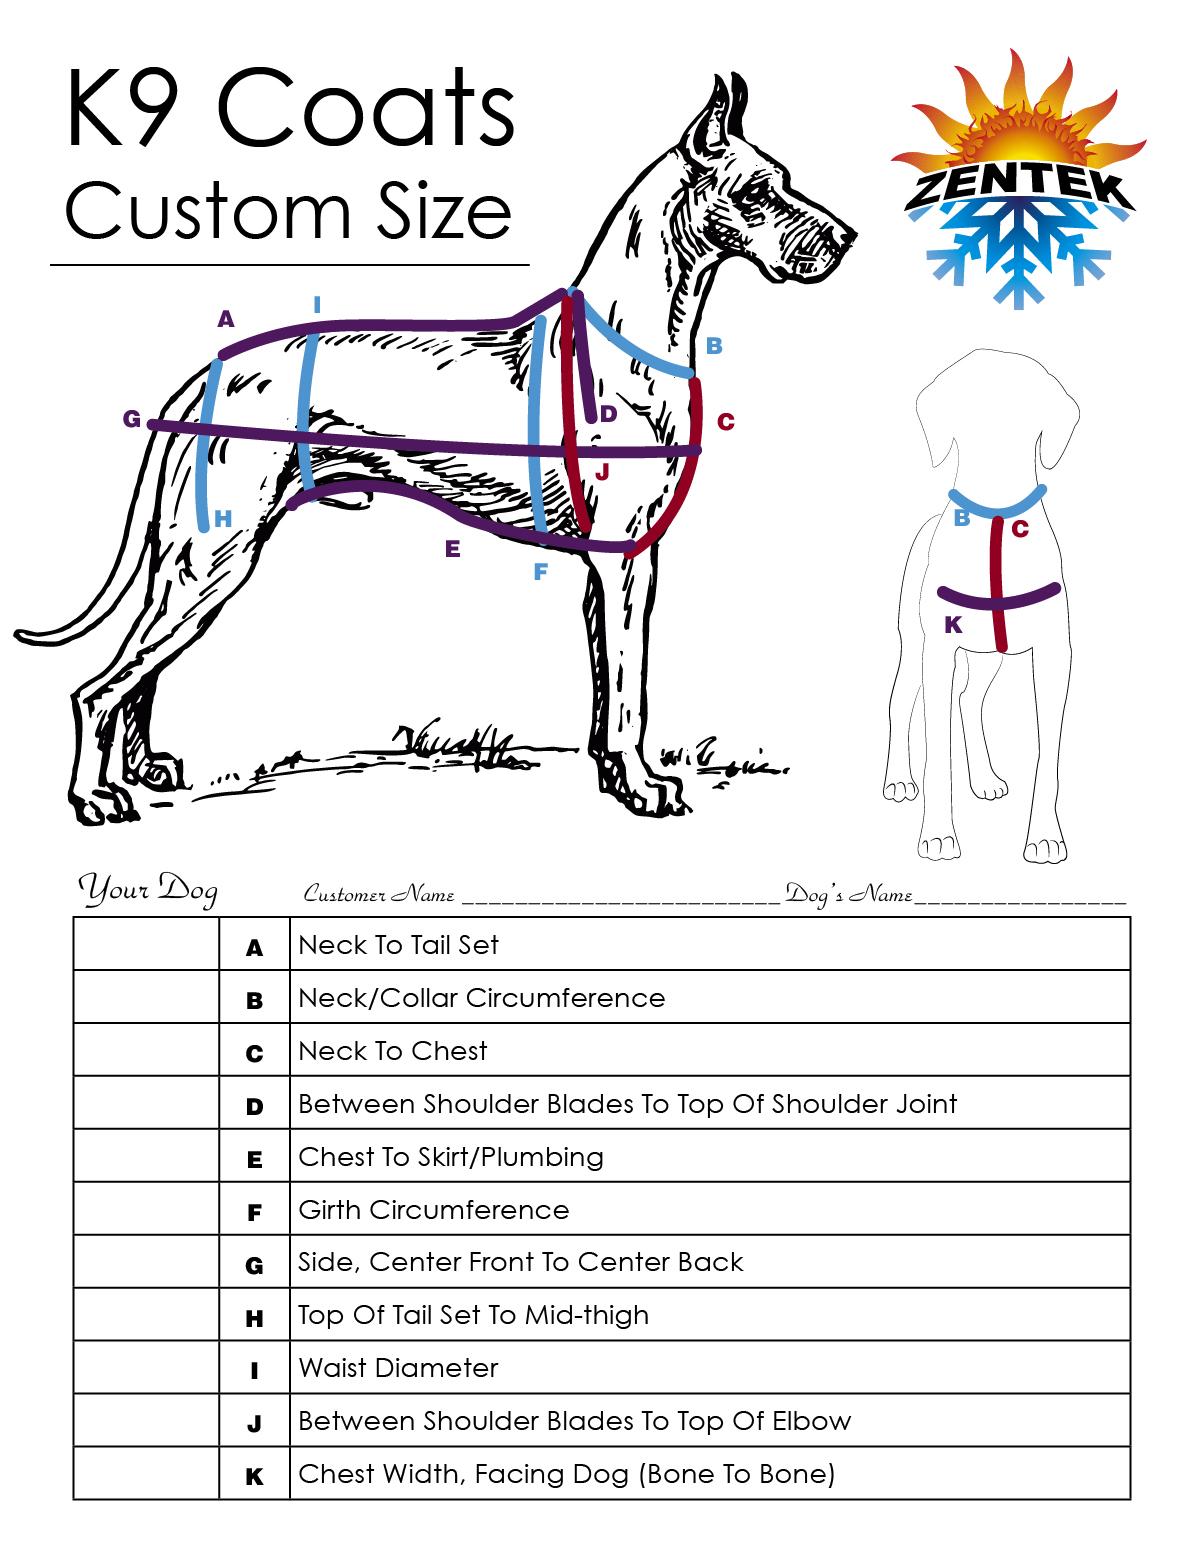 zentek-size-chart-dog-custom.jpg